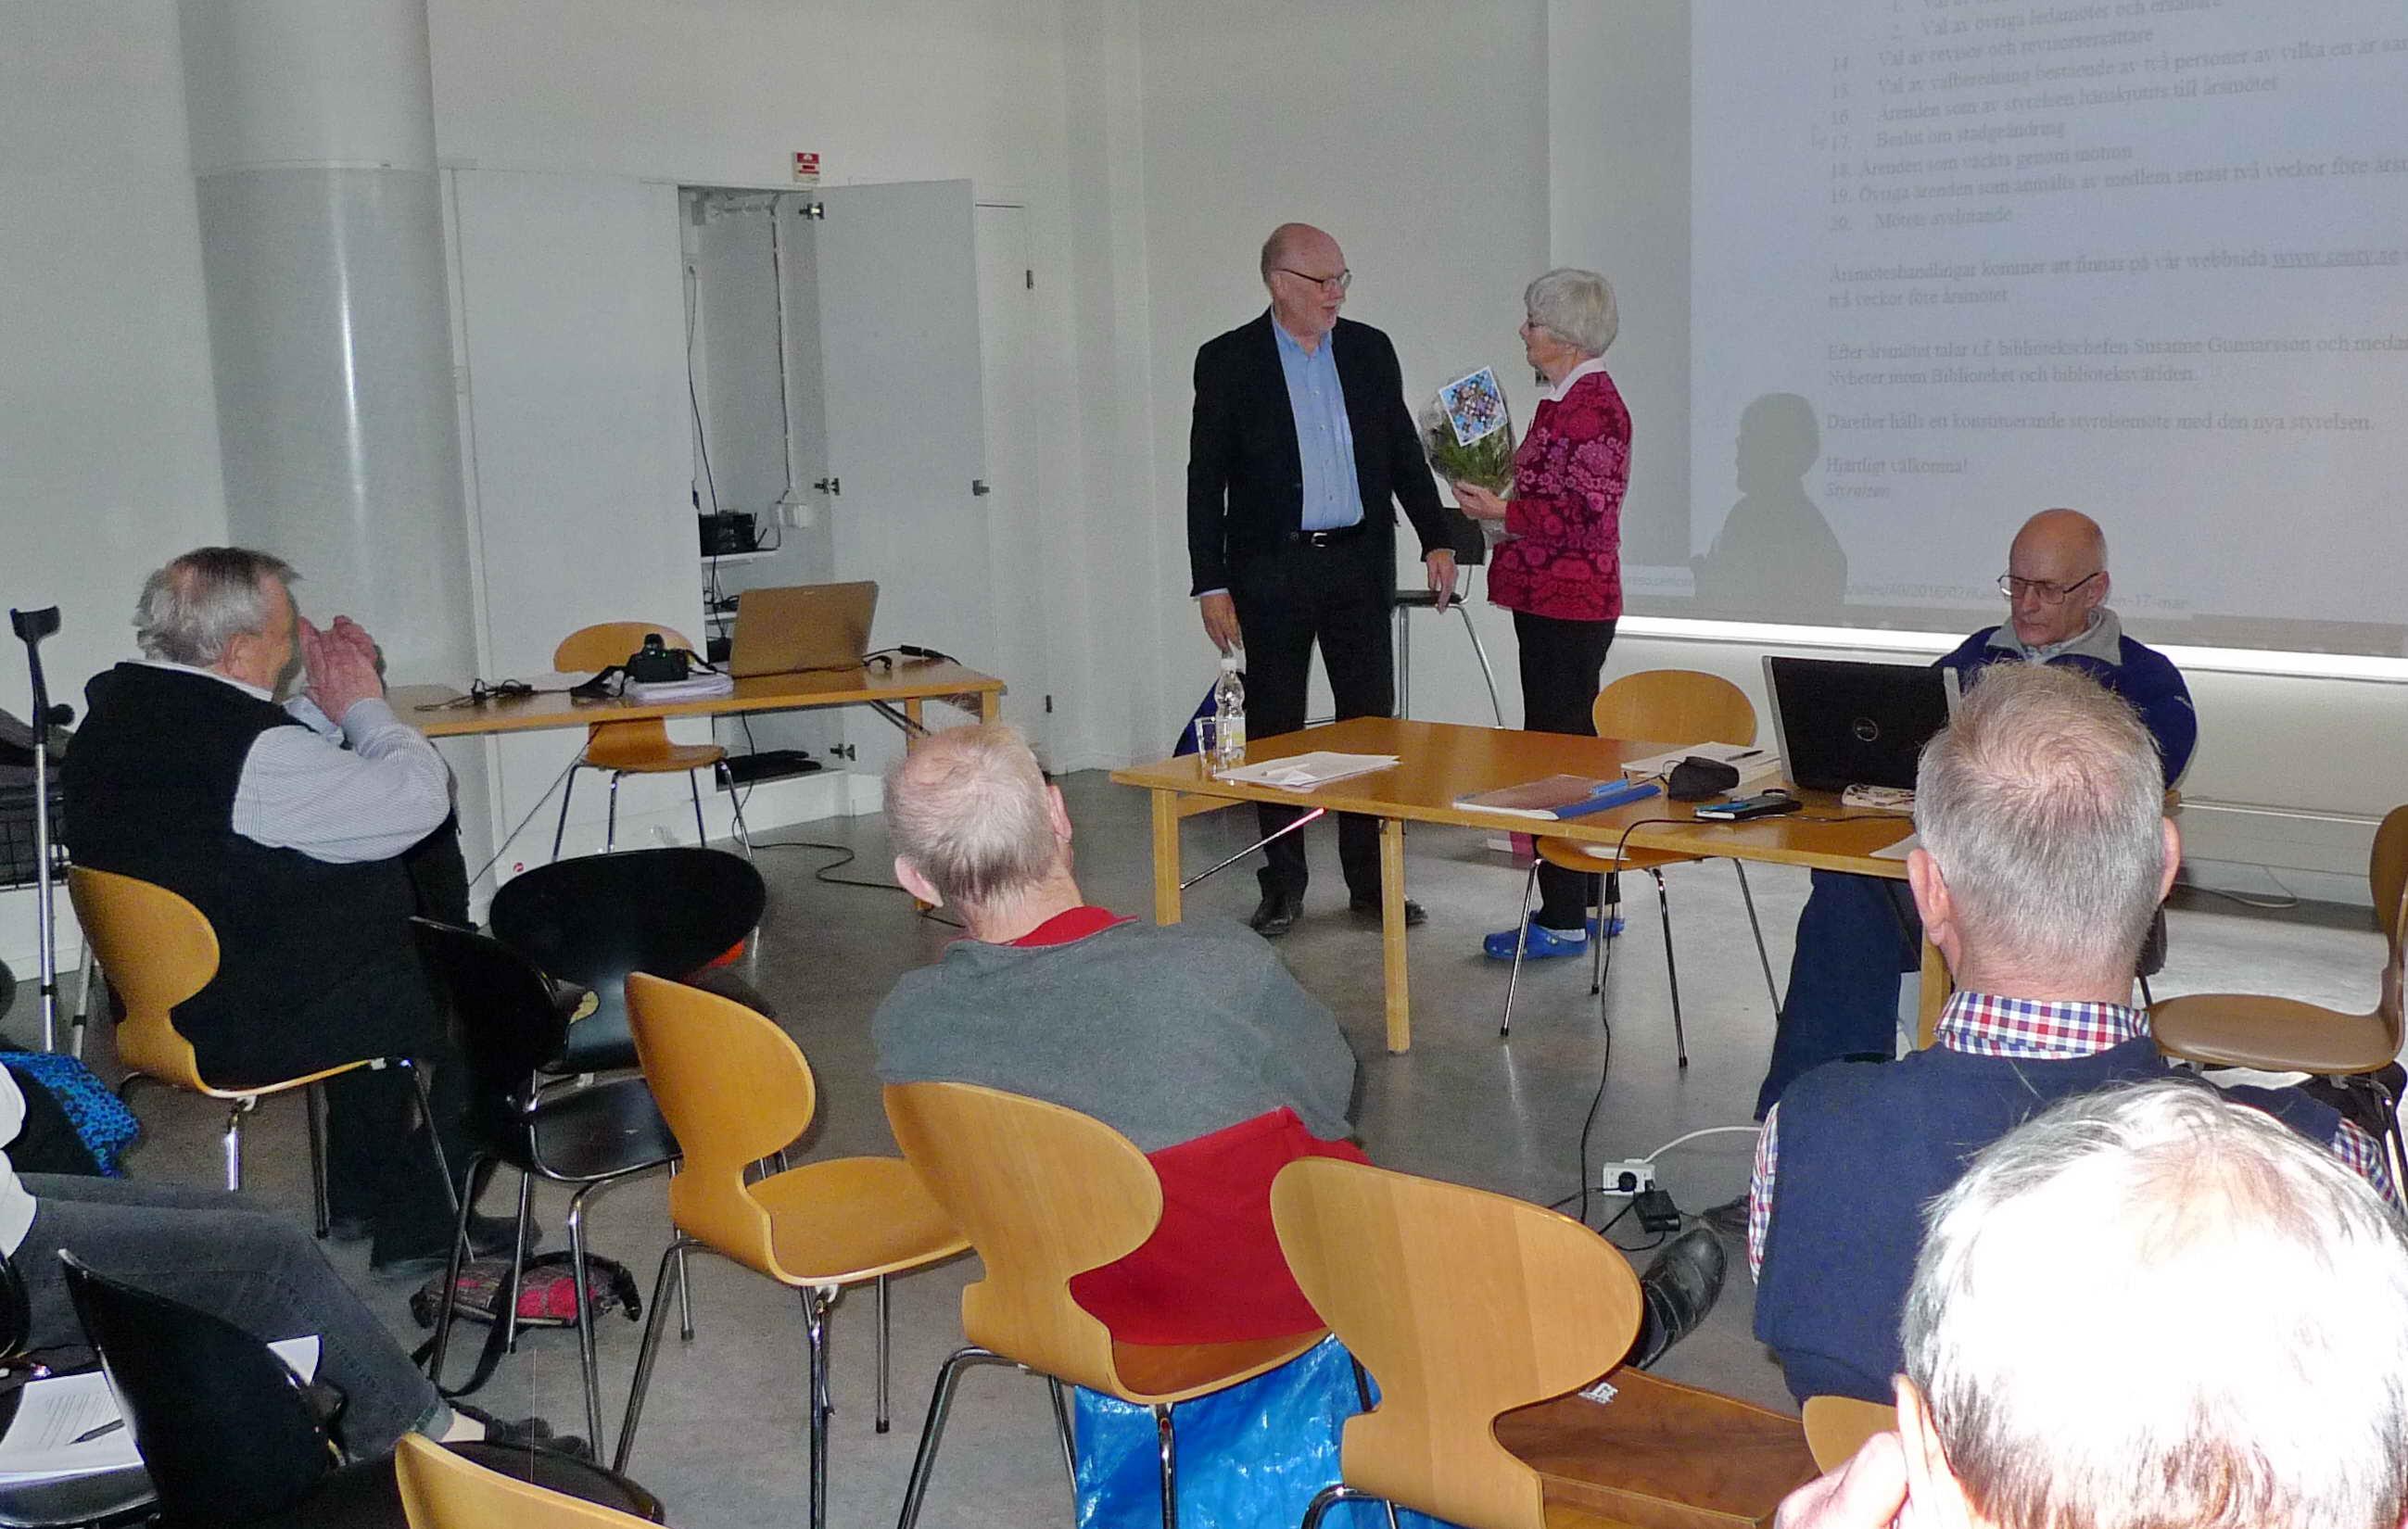 Gunnel avtackas för sina åtta år som styrelsens ordförande av den nye ordföranden, Carl-Olof Strand. Men Gunnel stannar kvar som vice ordförande under 2016.